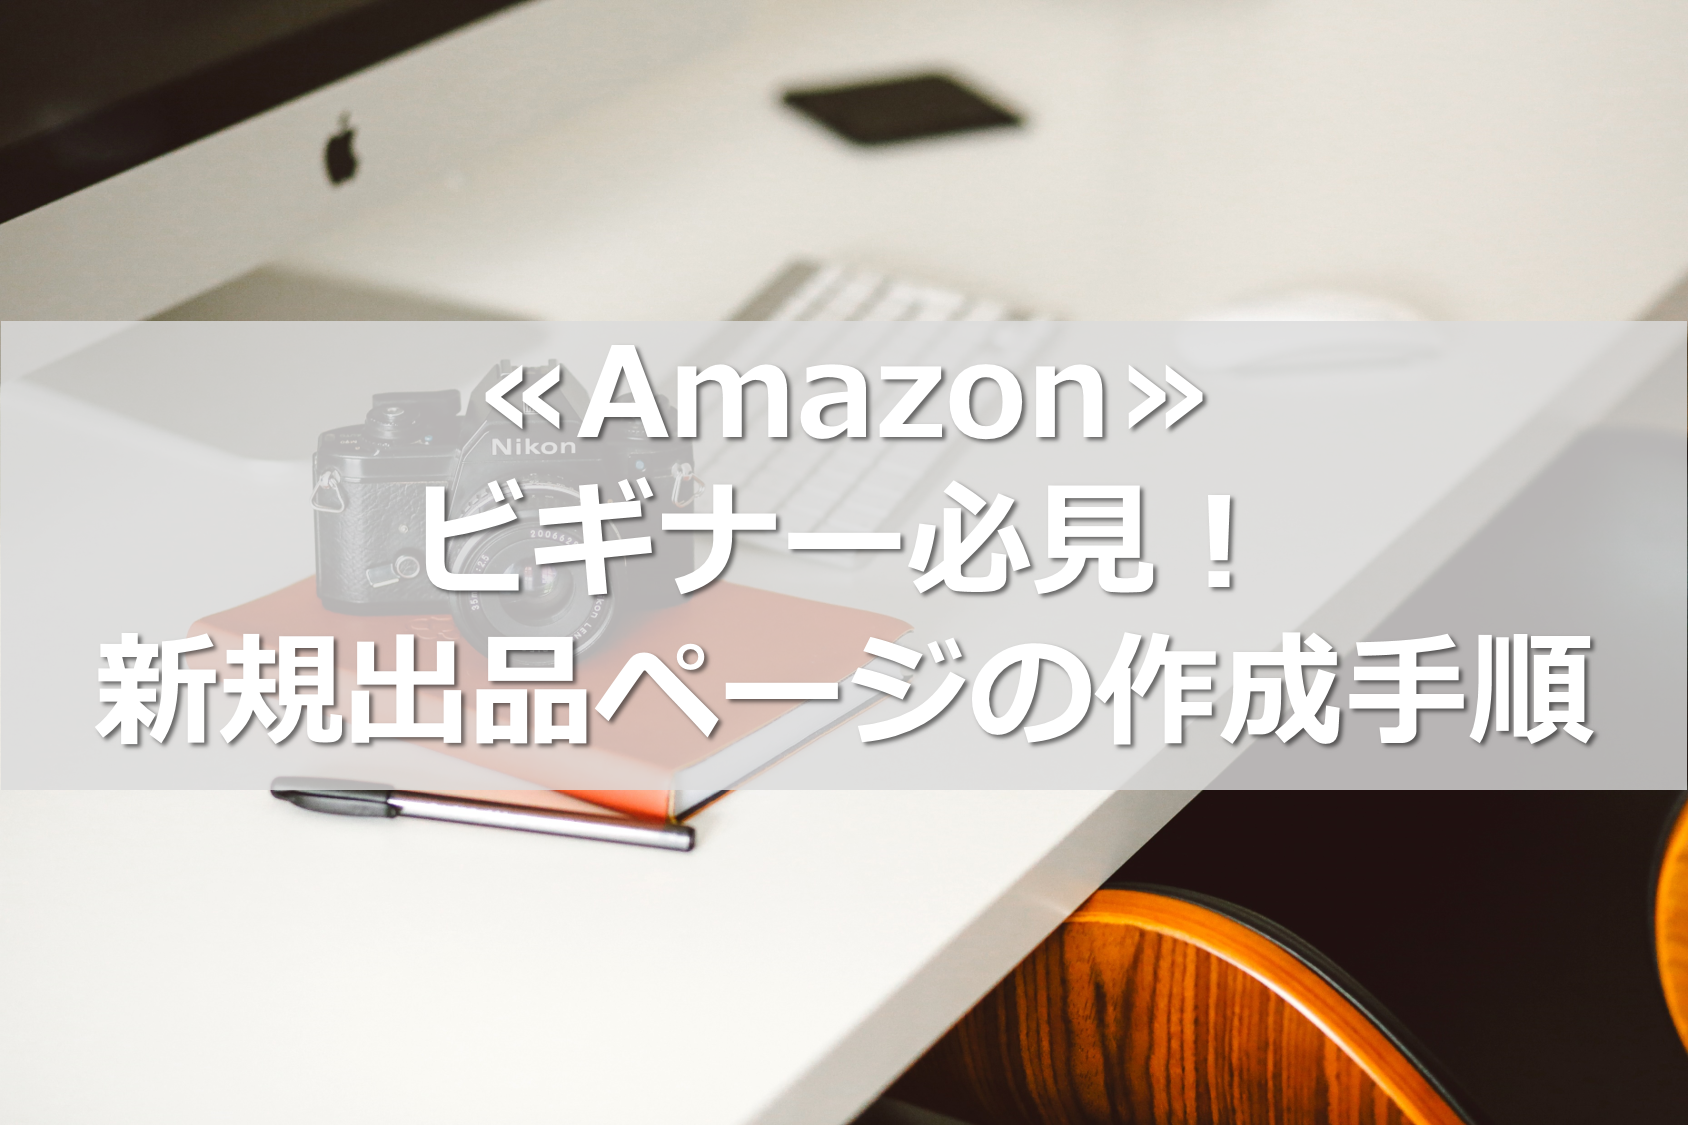 ≪Amazon≫ビギナー必見!新規出品ページの作成手順